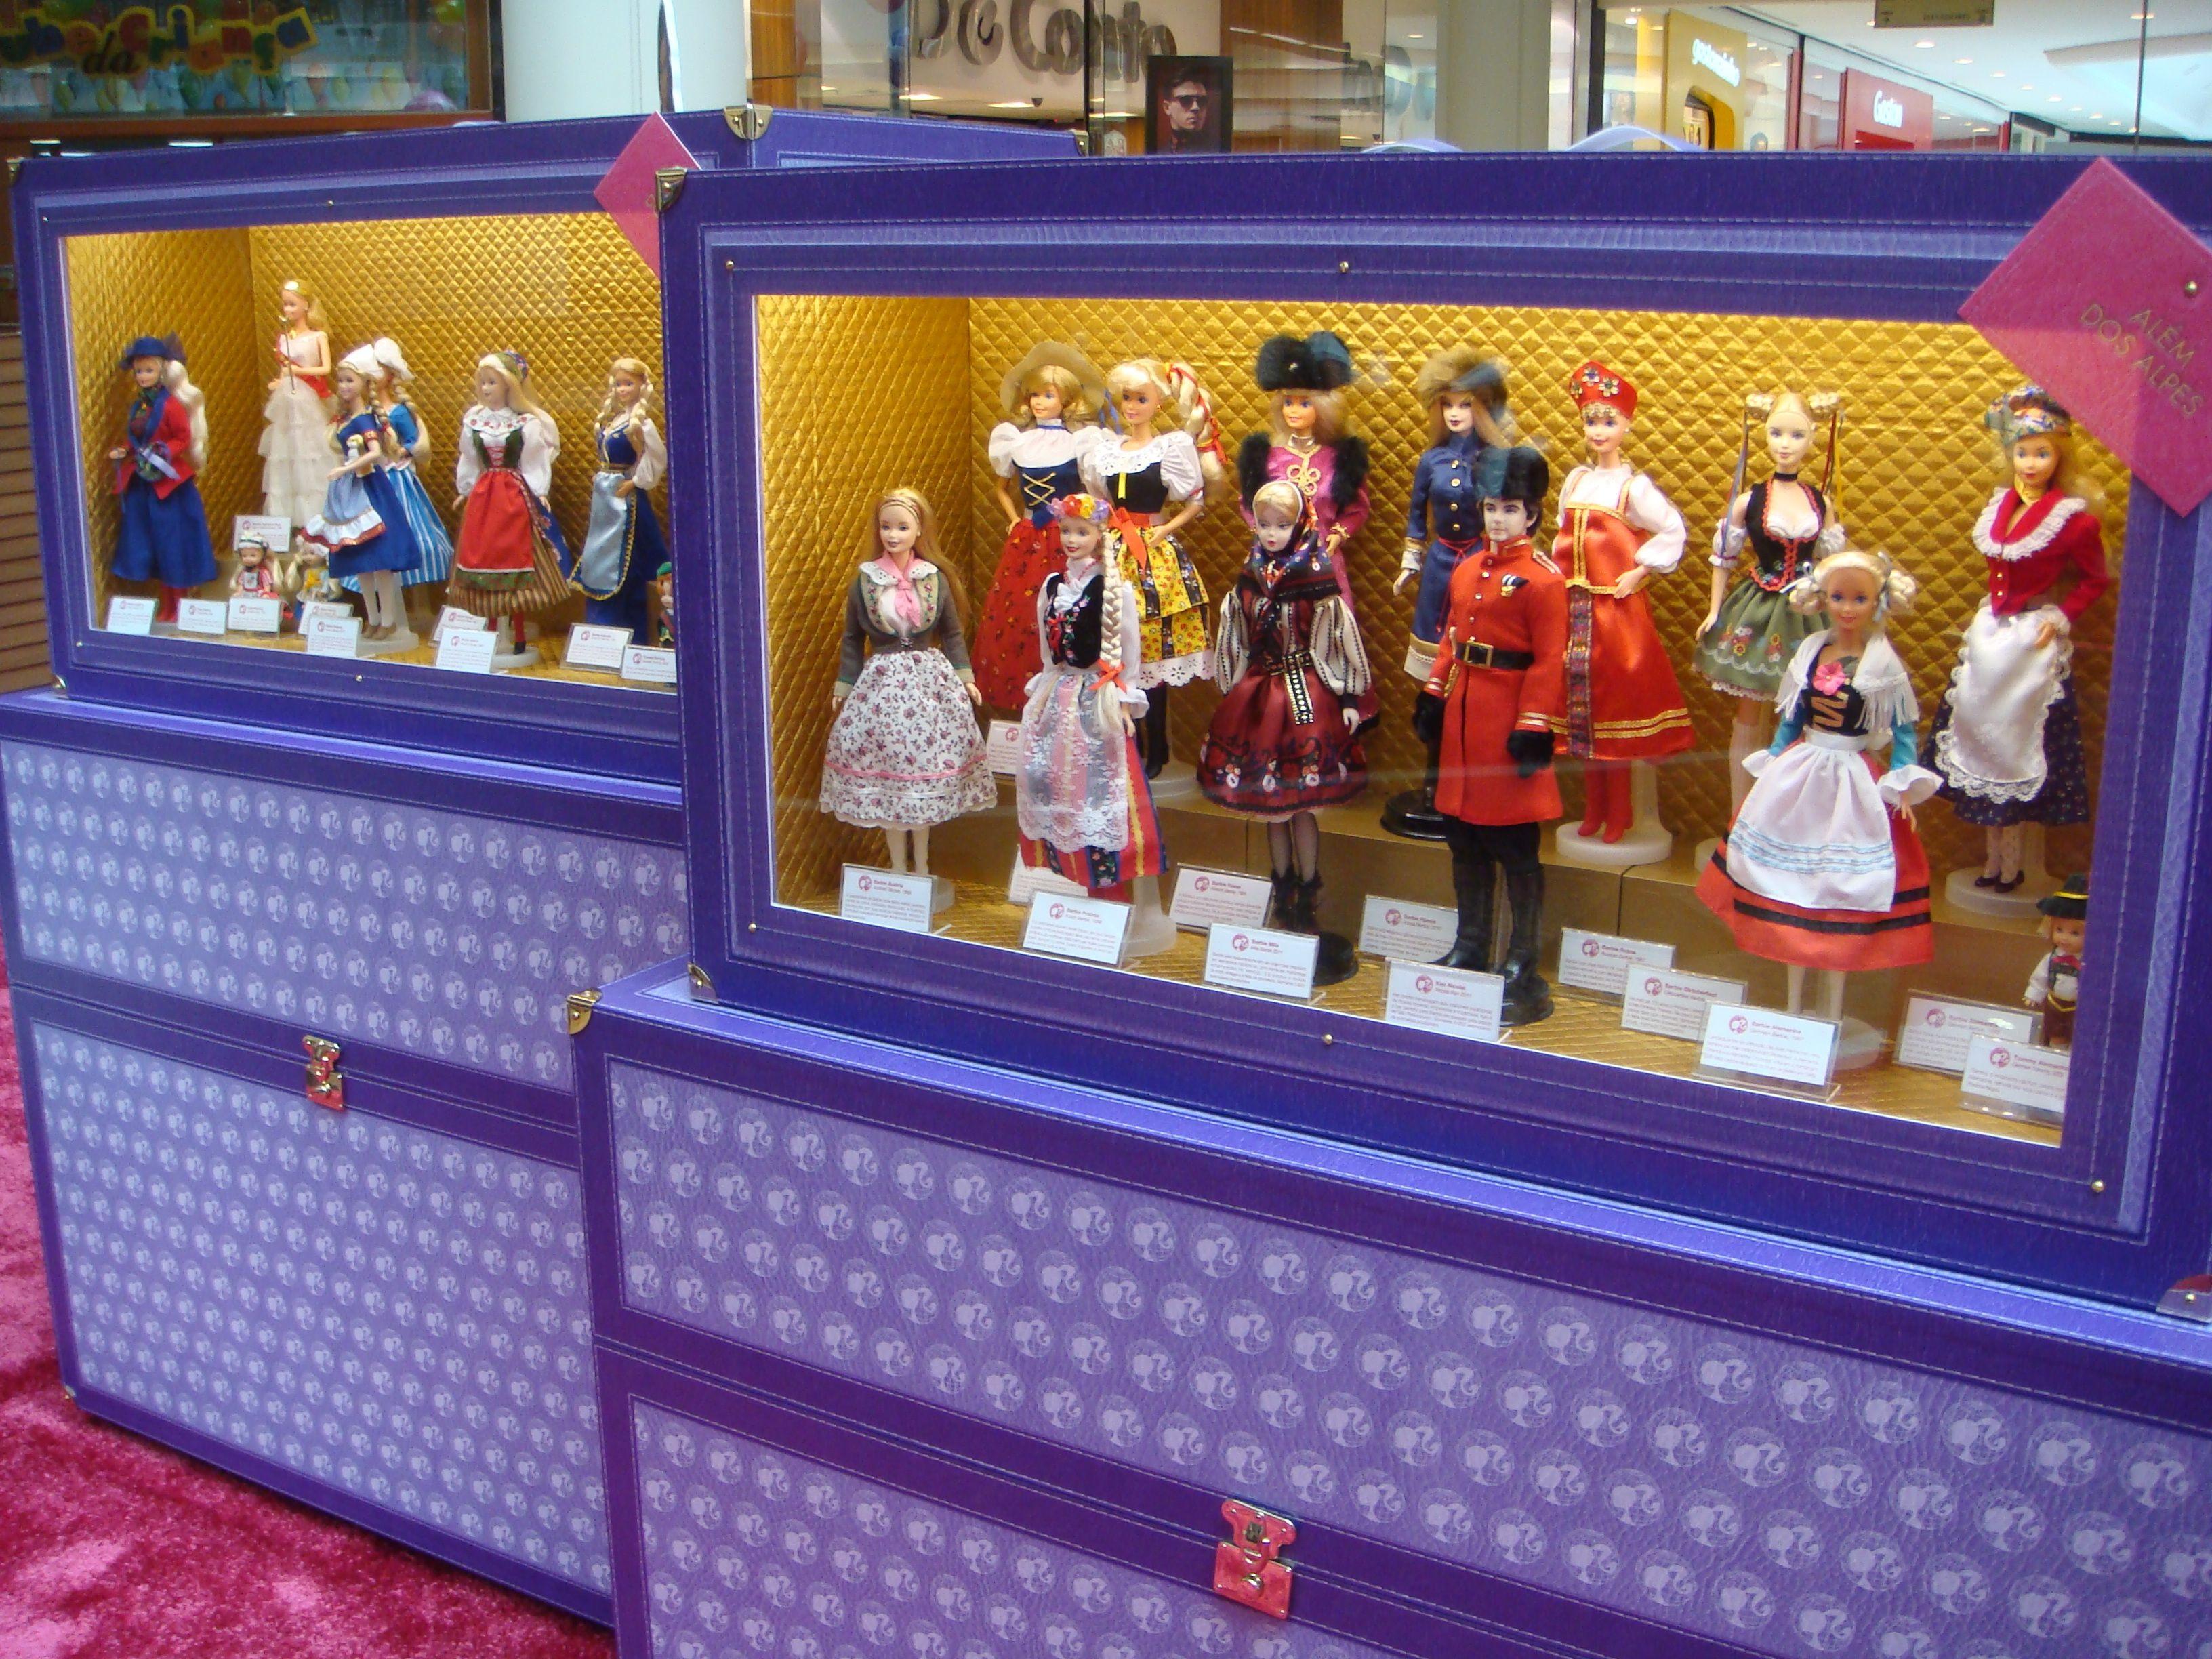 Exposição 'Barbie Terras Distantes' reúne 200 bonecas temáticas (Foto: Divulgação)